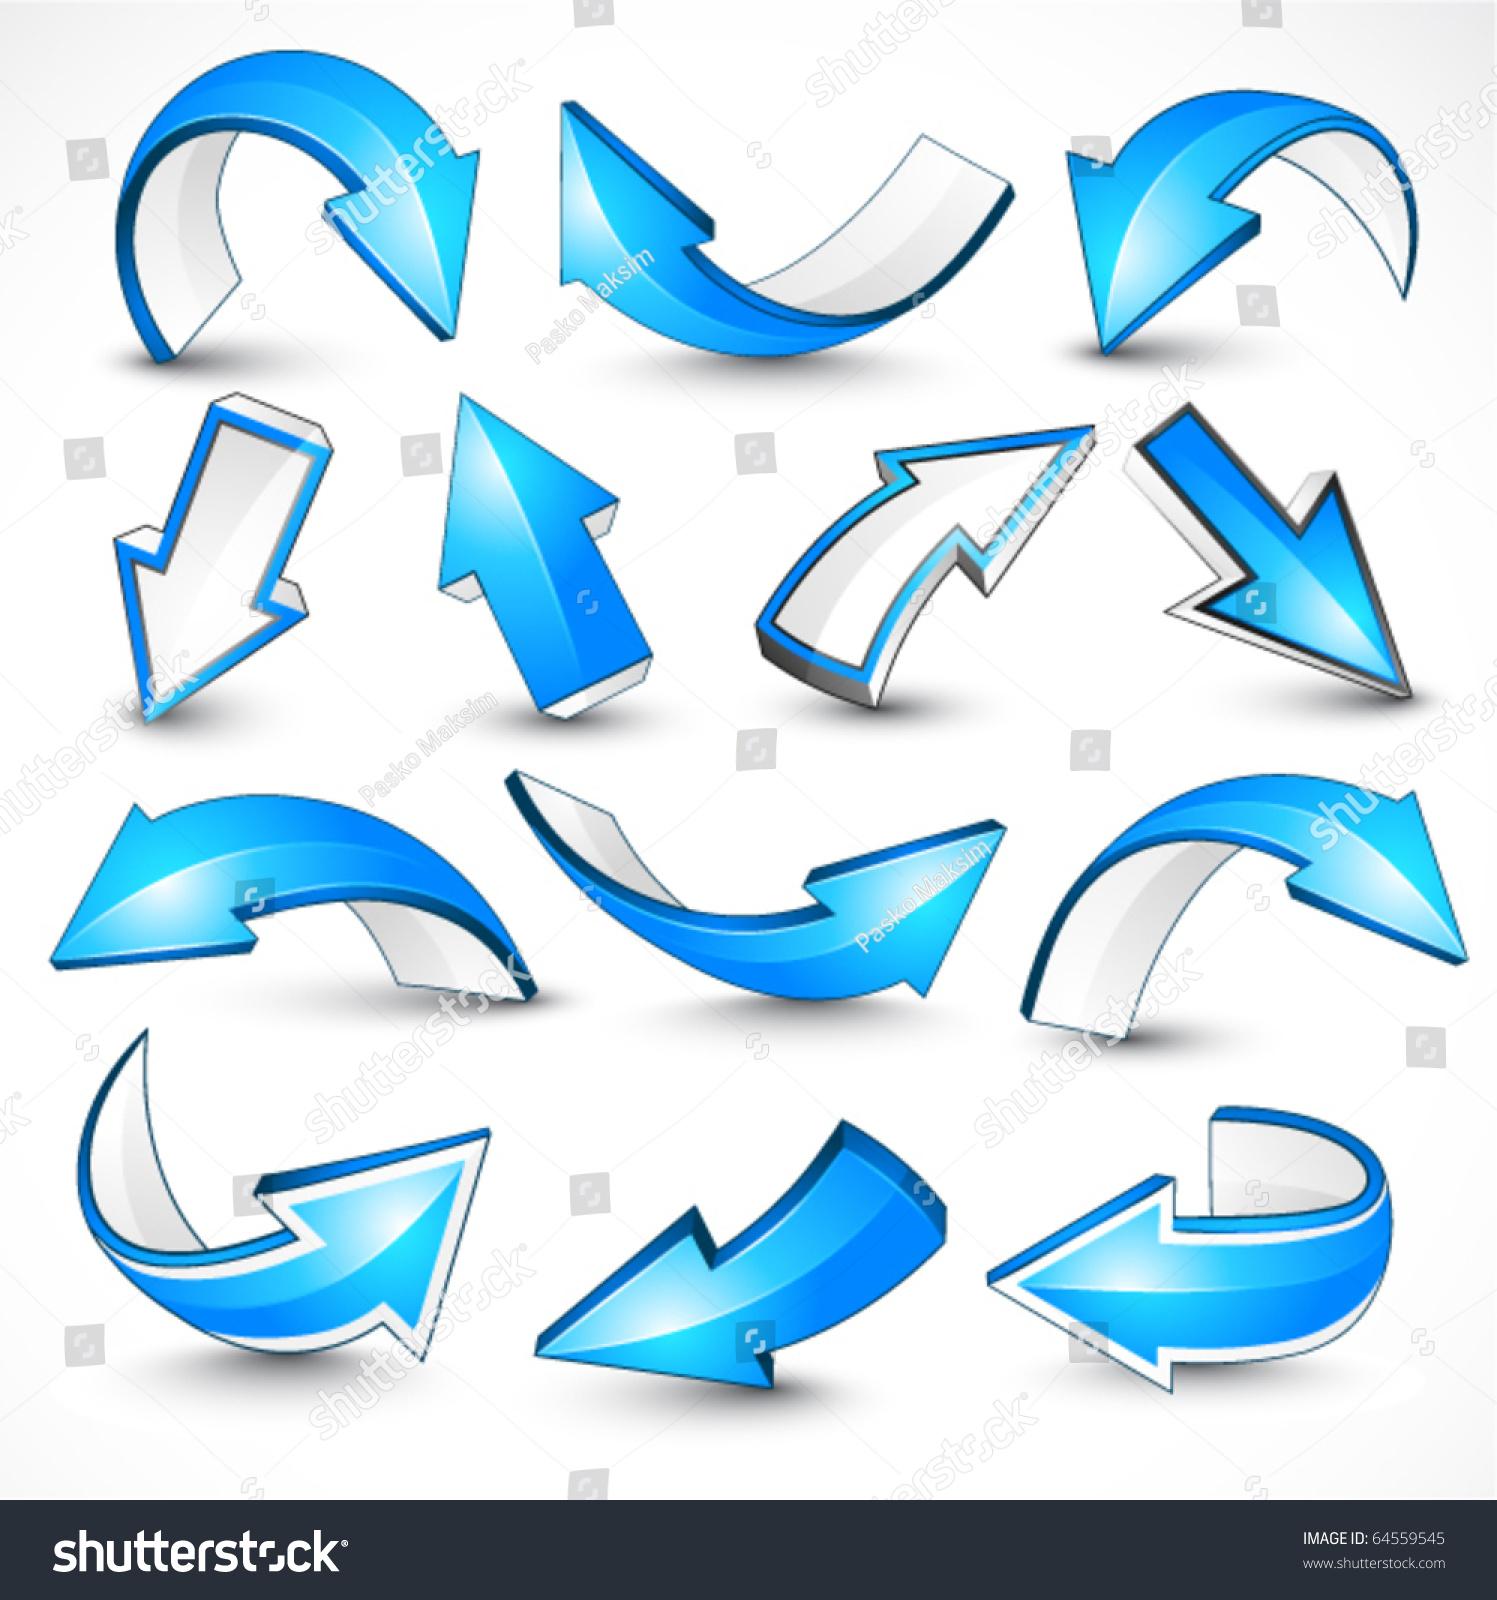 蓝色箭头.矢量图-物体,符号/标志-海洛创意(hellorf)